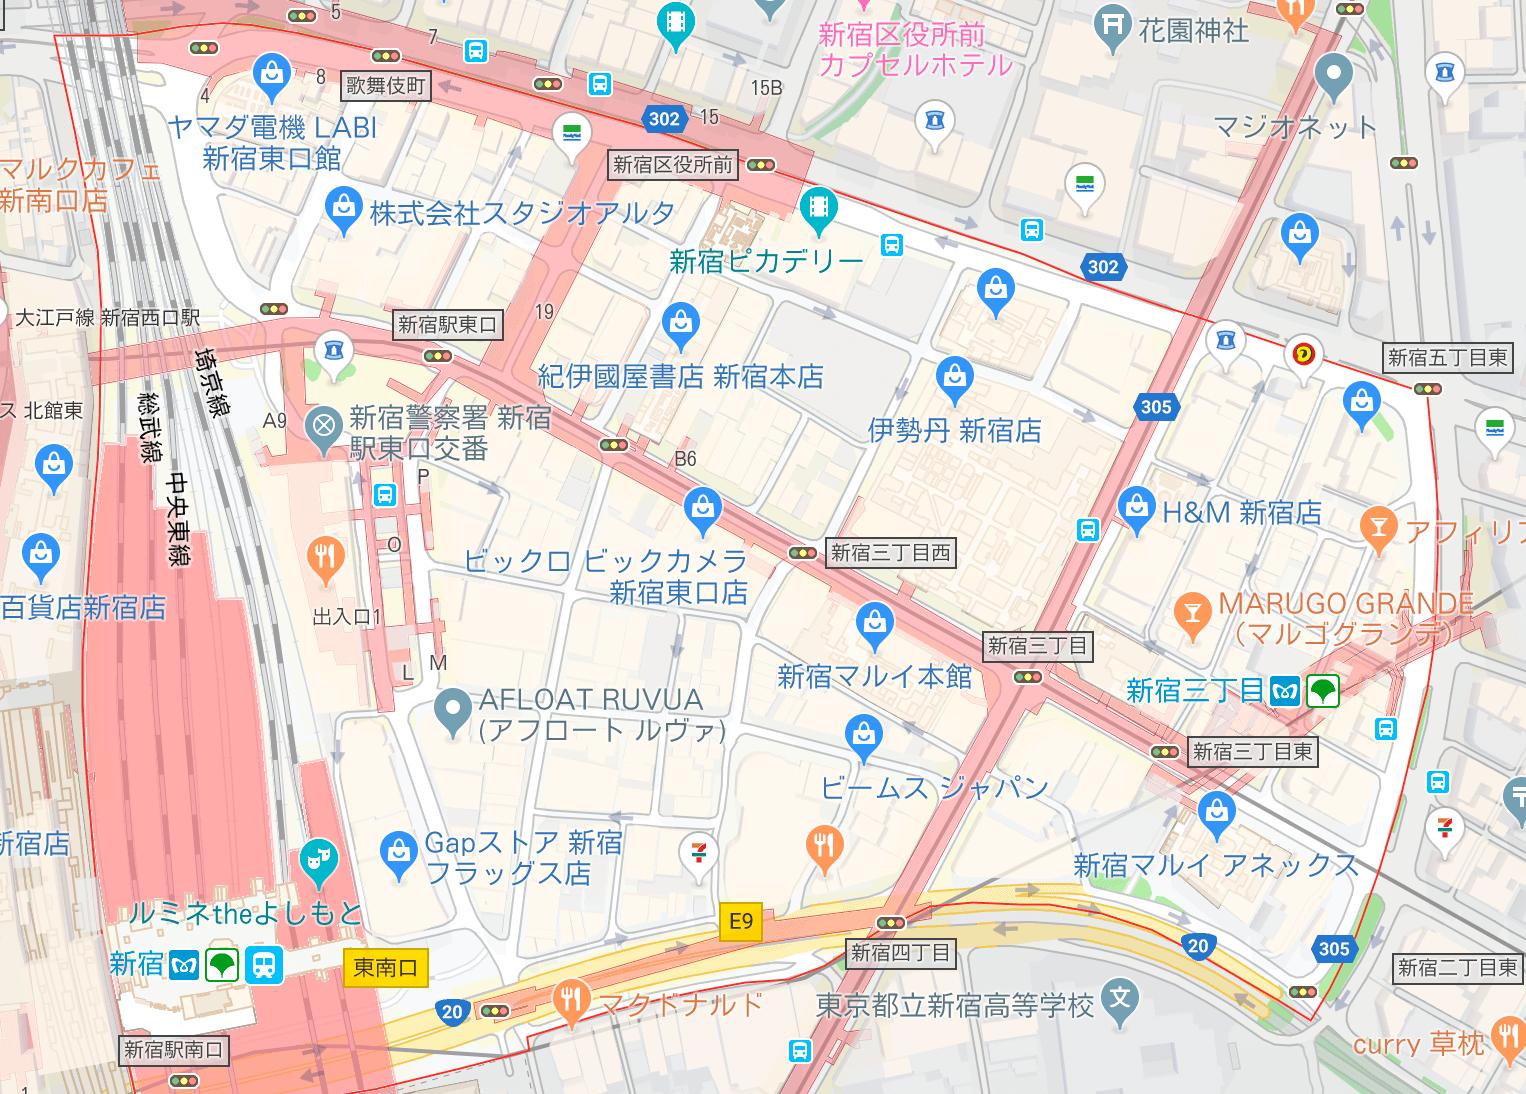 新宿3丁目 夜遊び